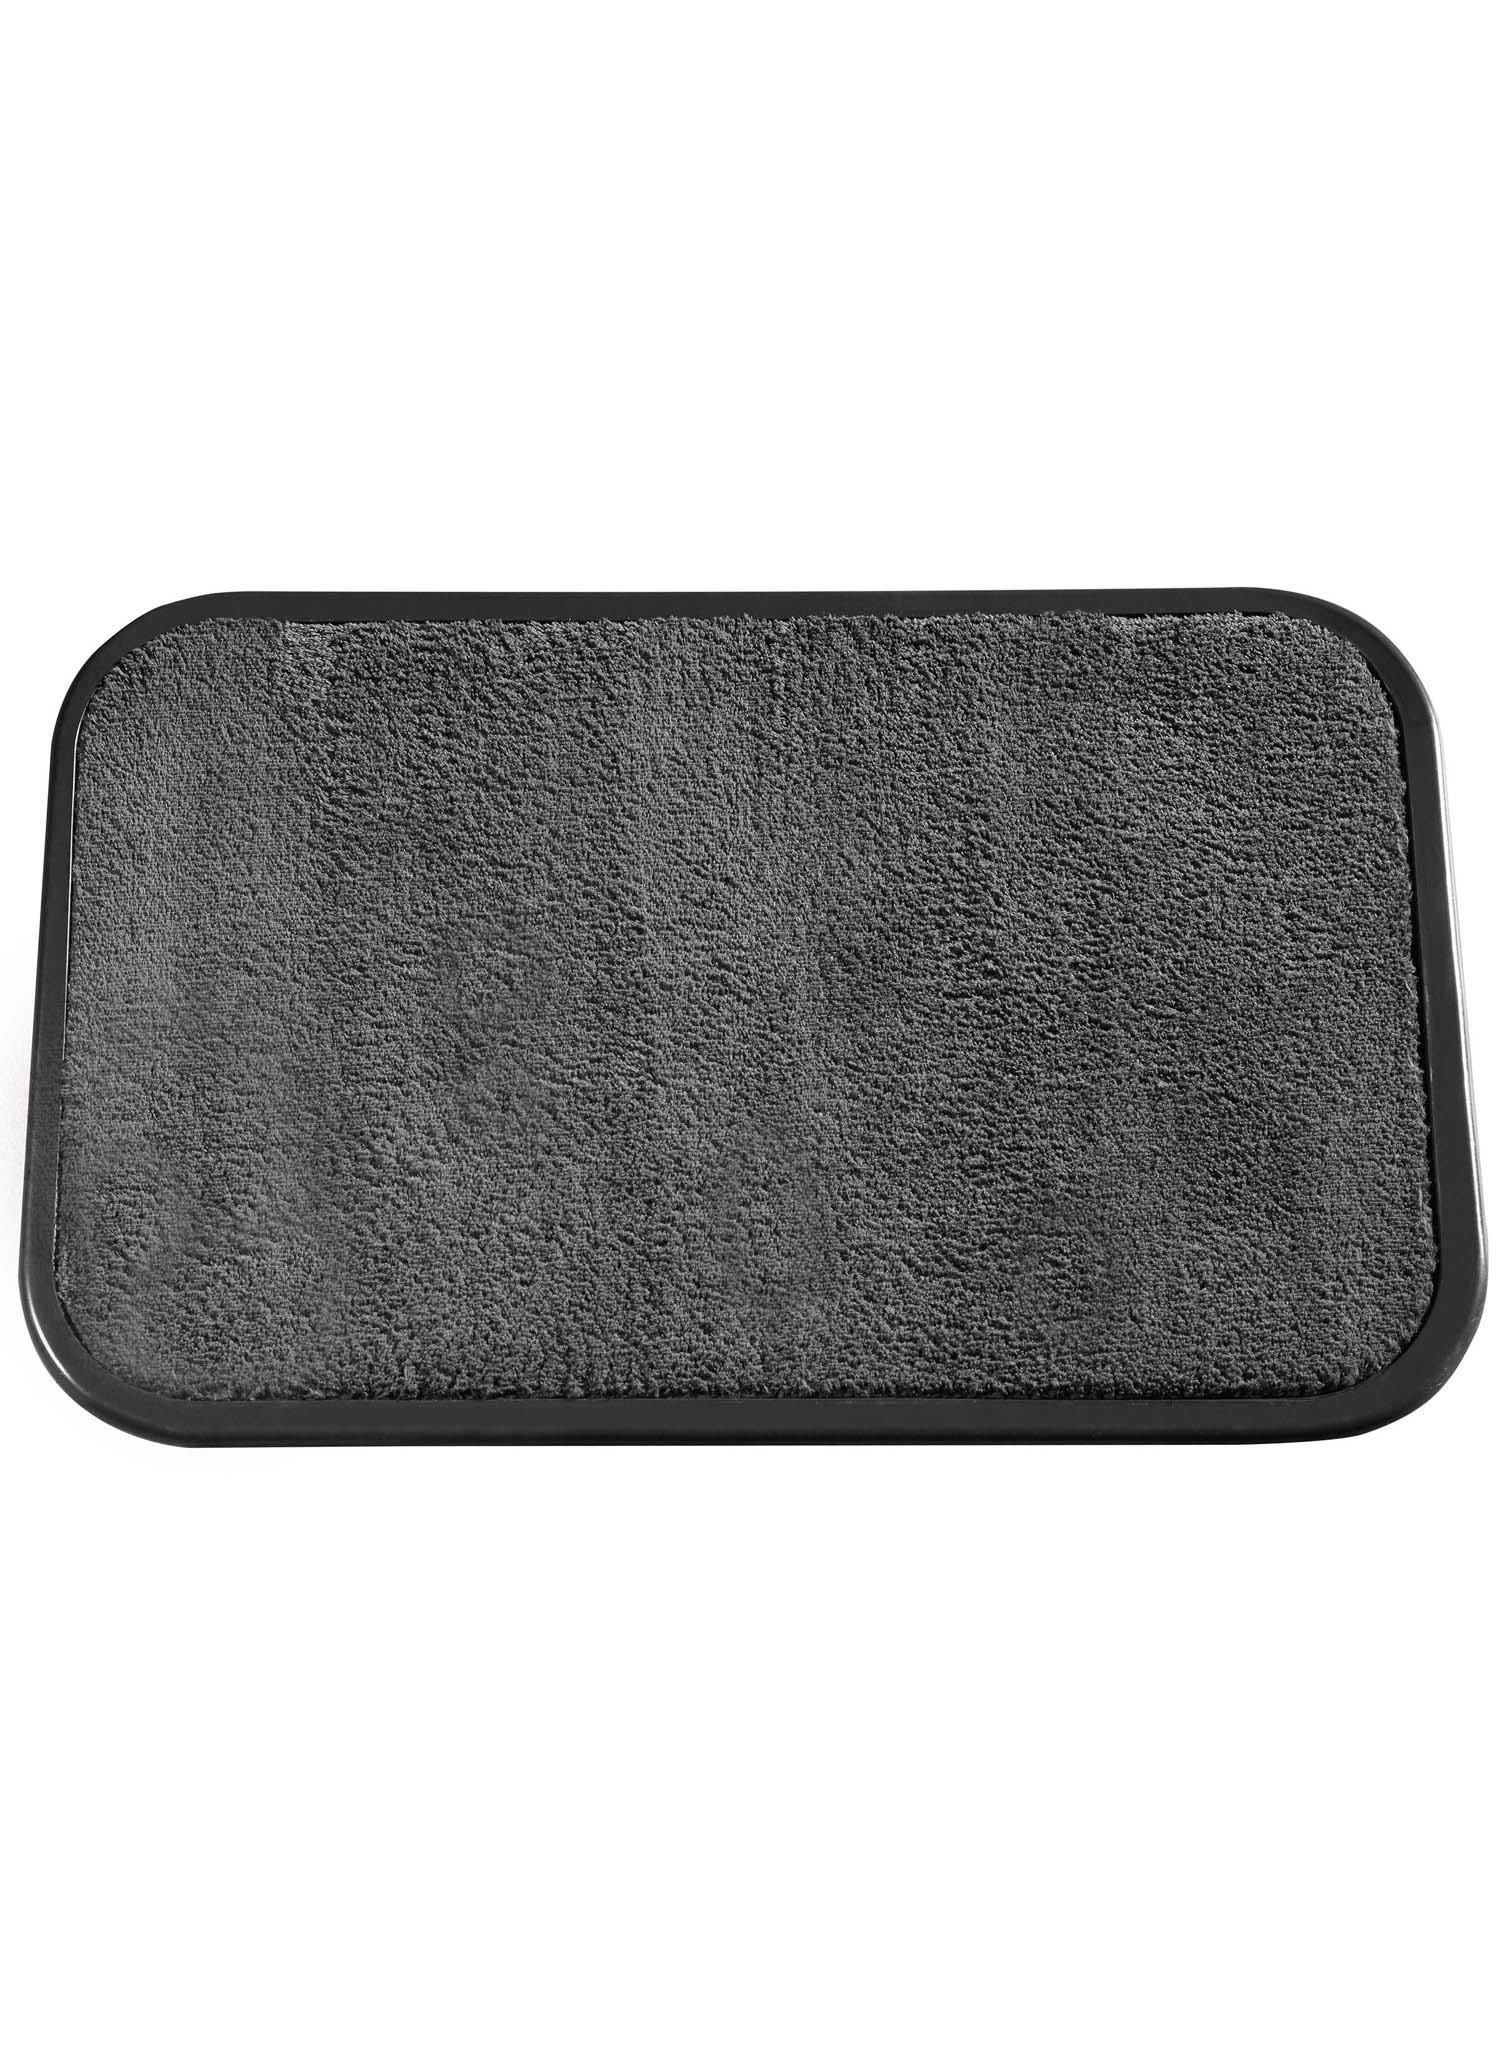 Waschbare Teppichvorlage anthr - 1 - Ronja.ch